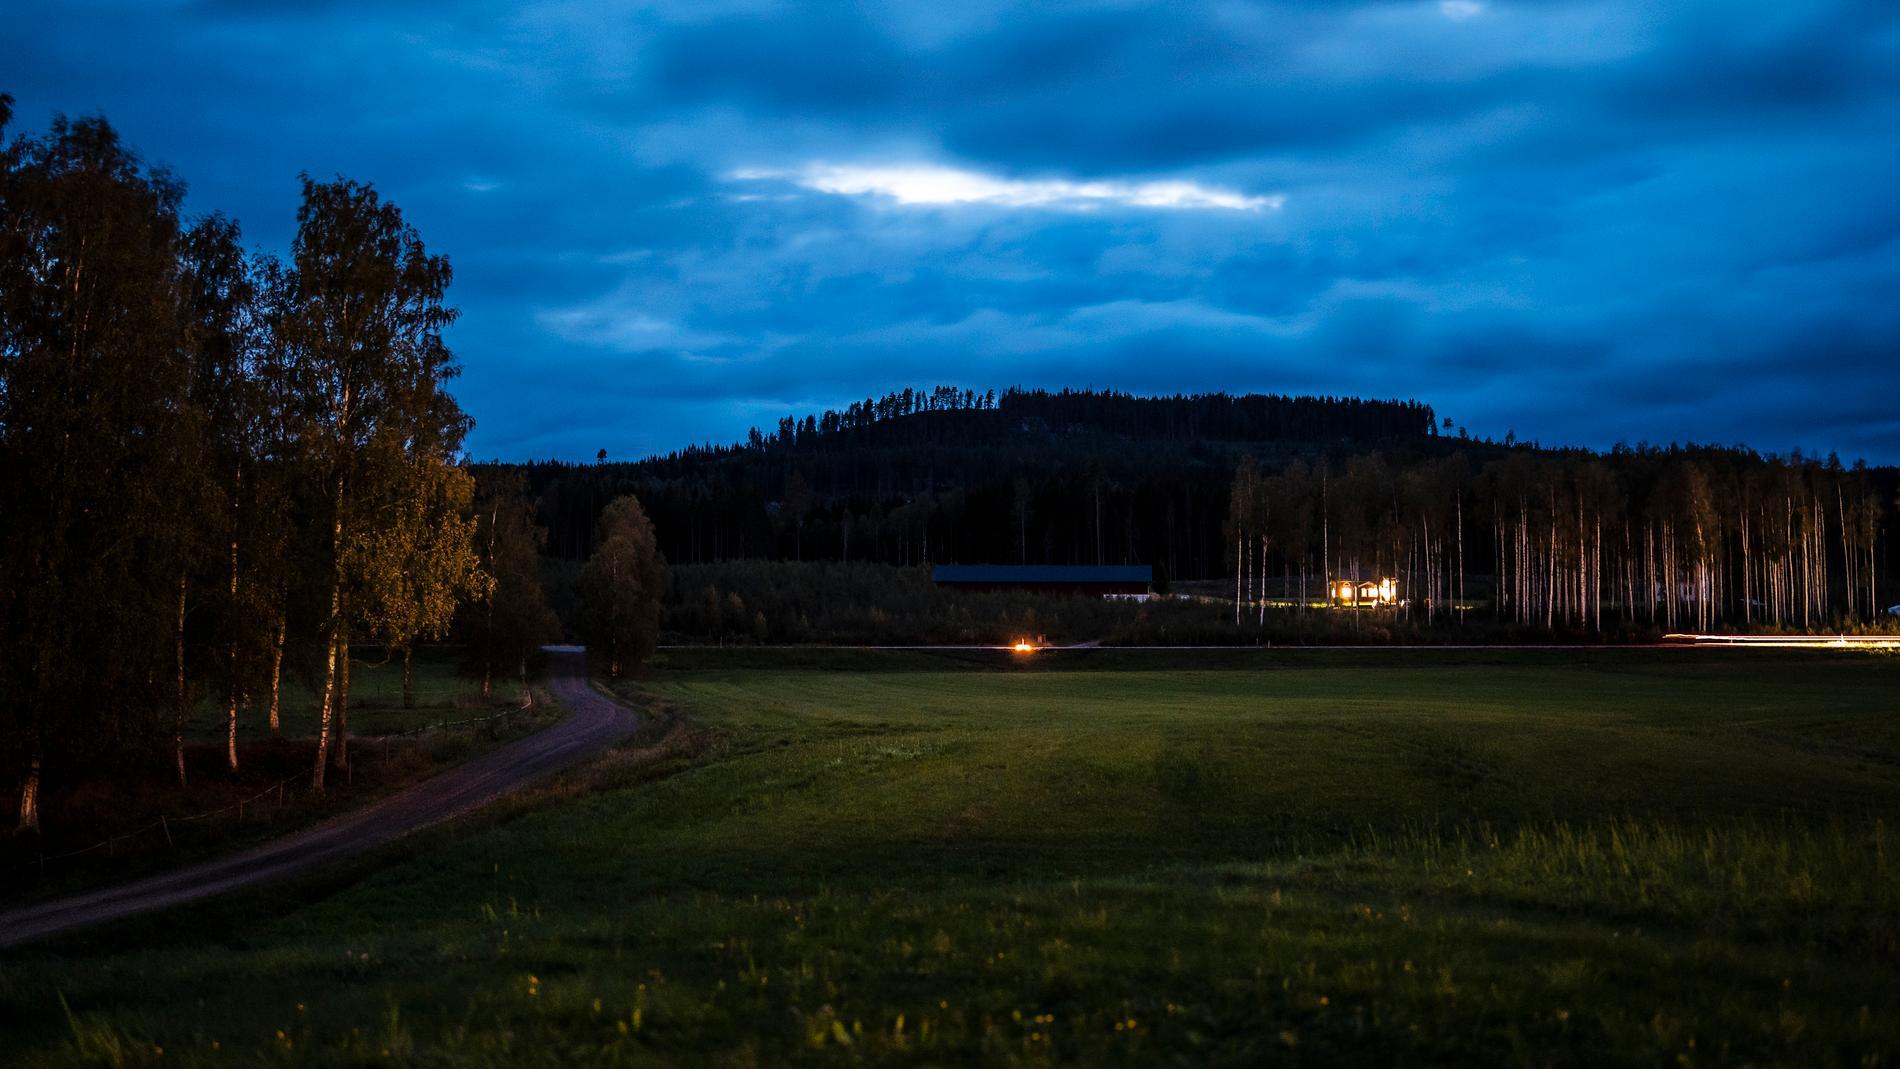 Tända ljus för de omkomna lyser upp vägsträckan under söndagskvällen.